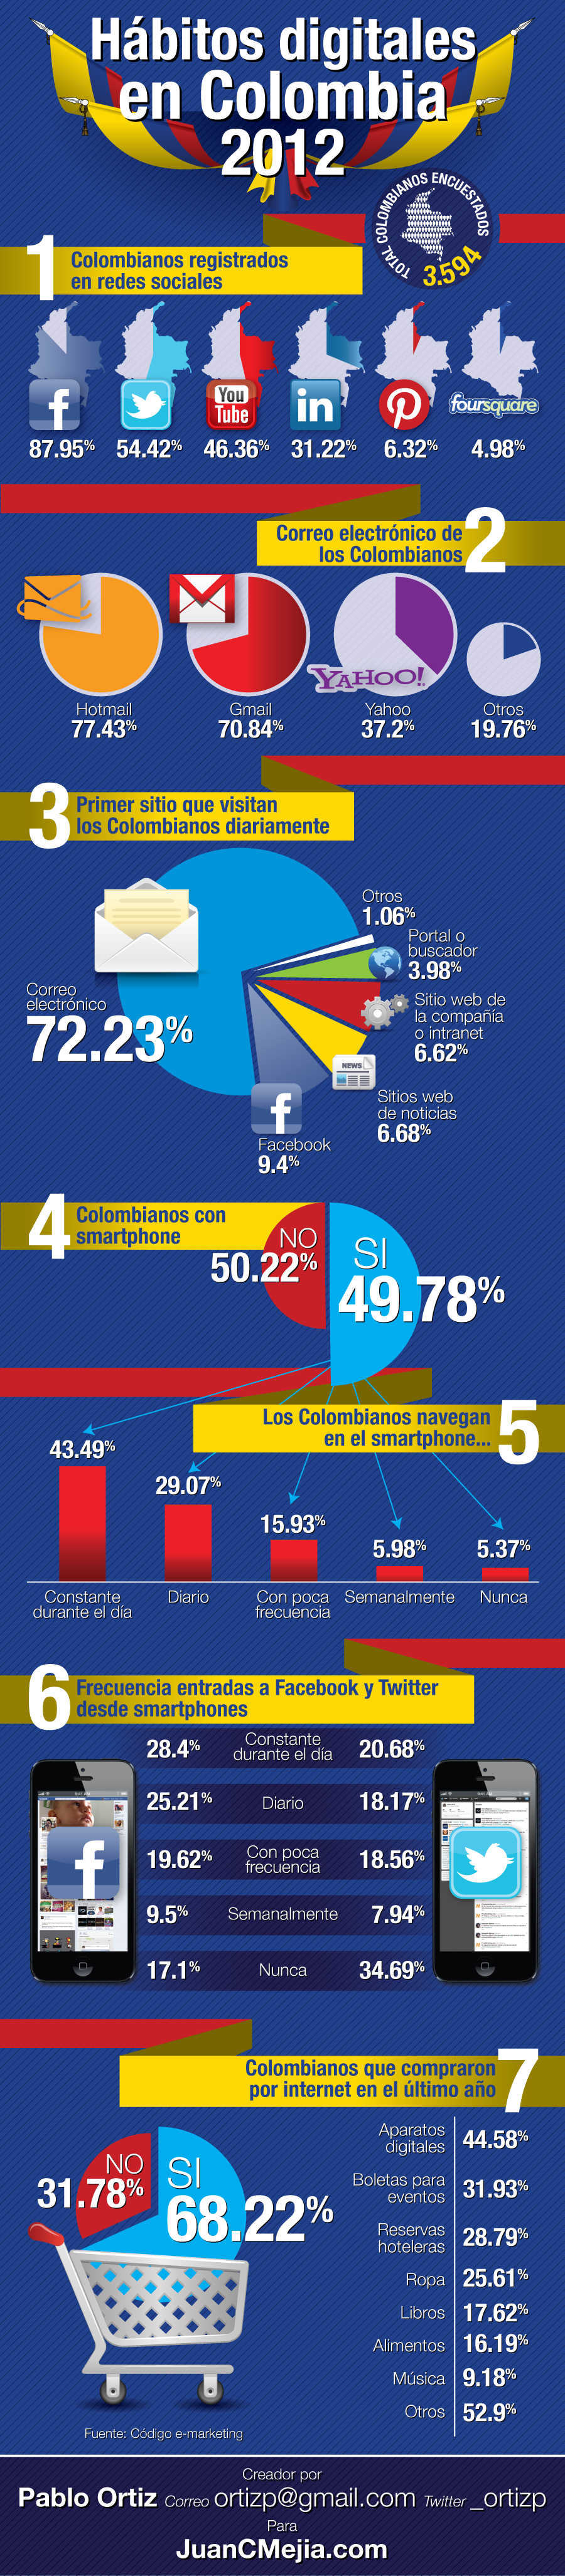 Hábitos digitales de Colombia 2012: infografía en español